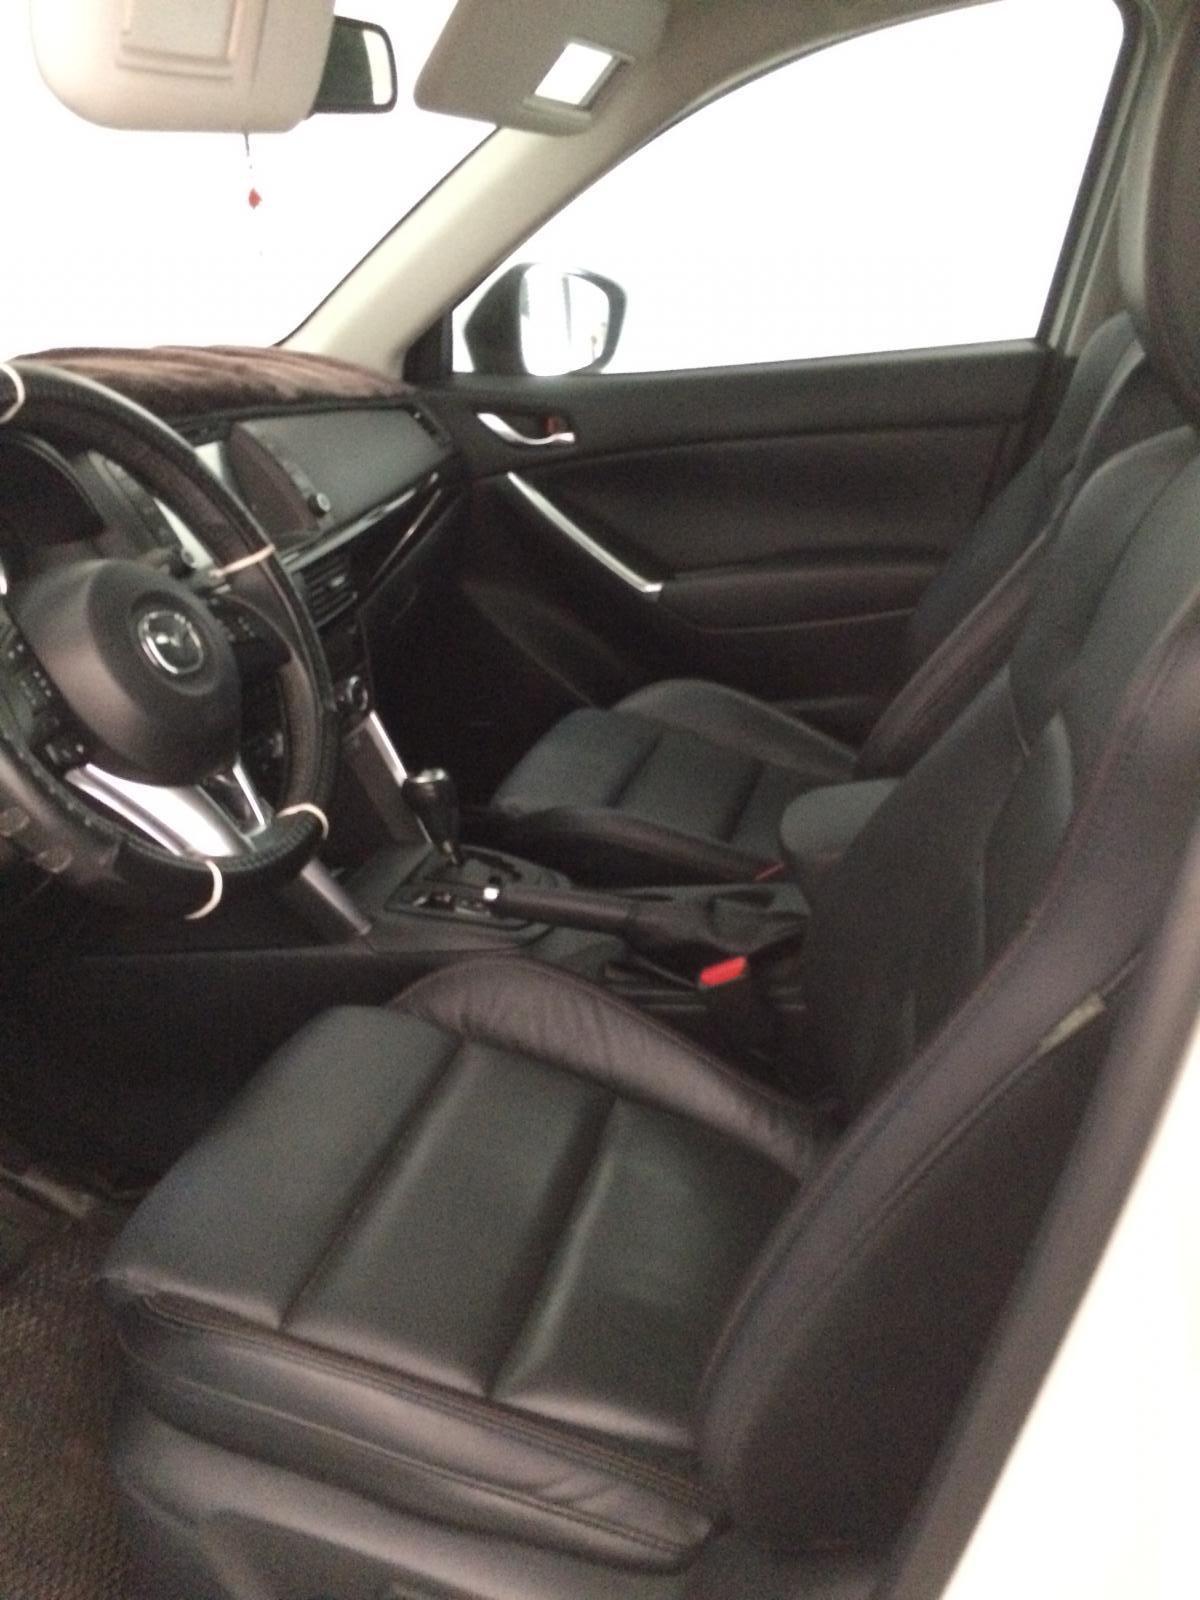 Cần bán xe Mazda CX 5 2.0 AT 2WD đời 2014, màu trắng-1